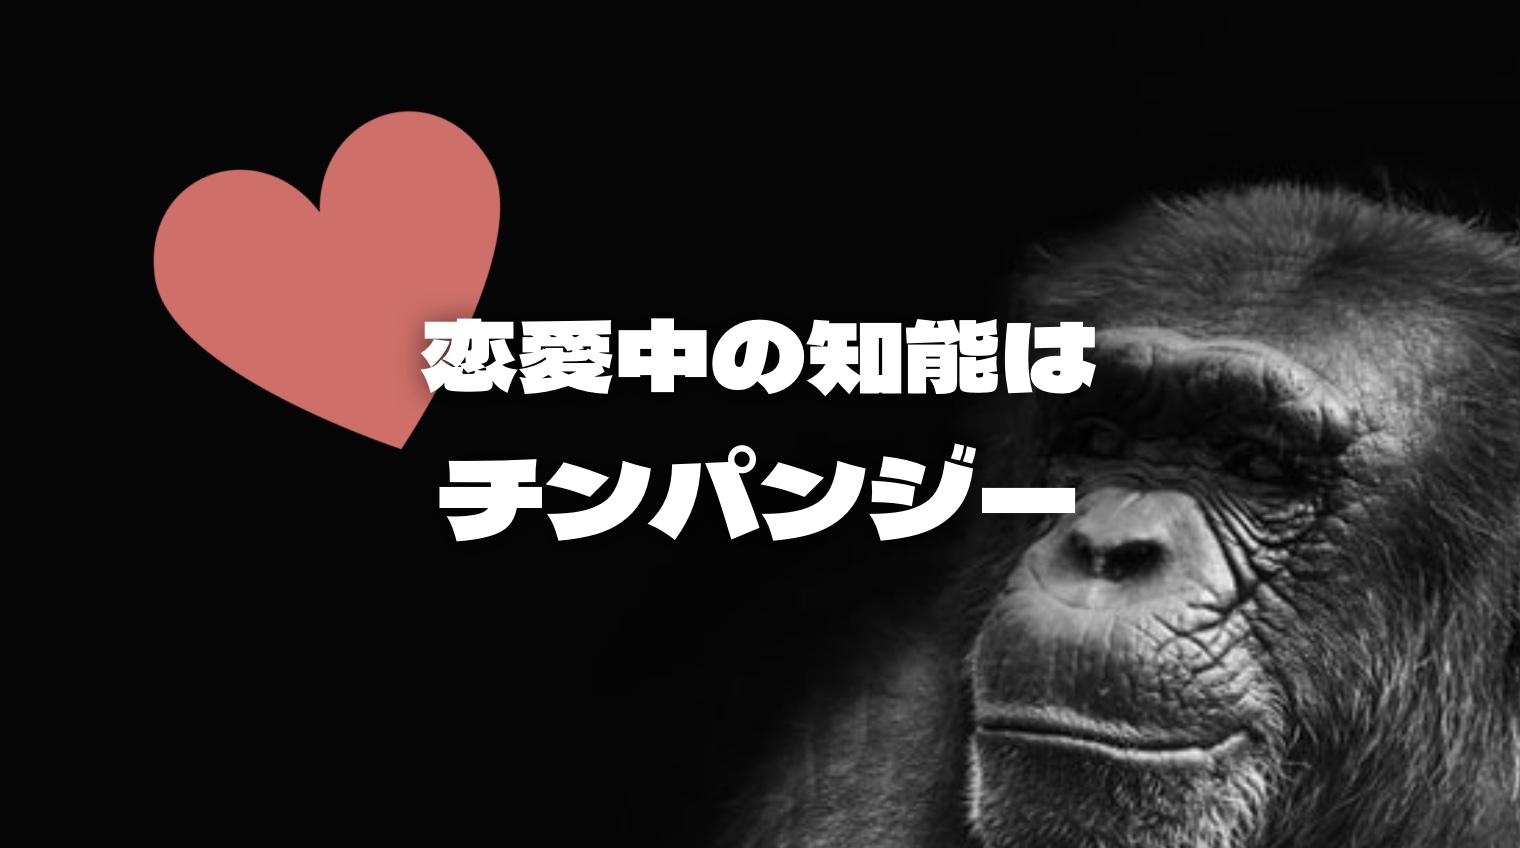 人が恋愛しているときの知能は【チンパンジー】と同じ